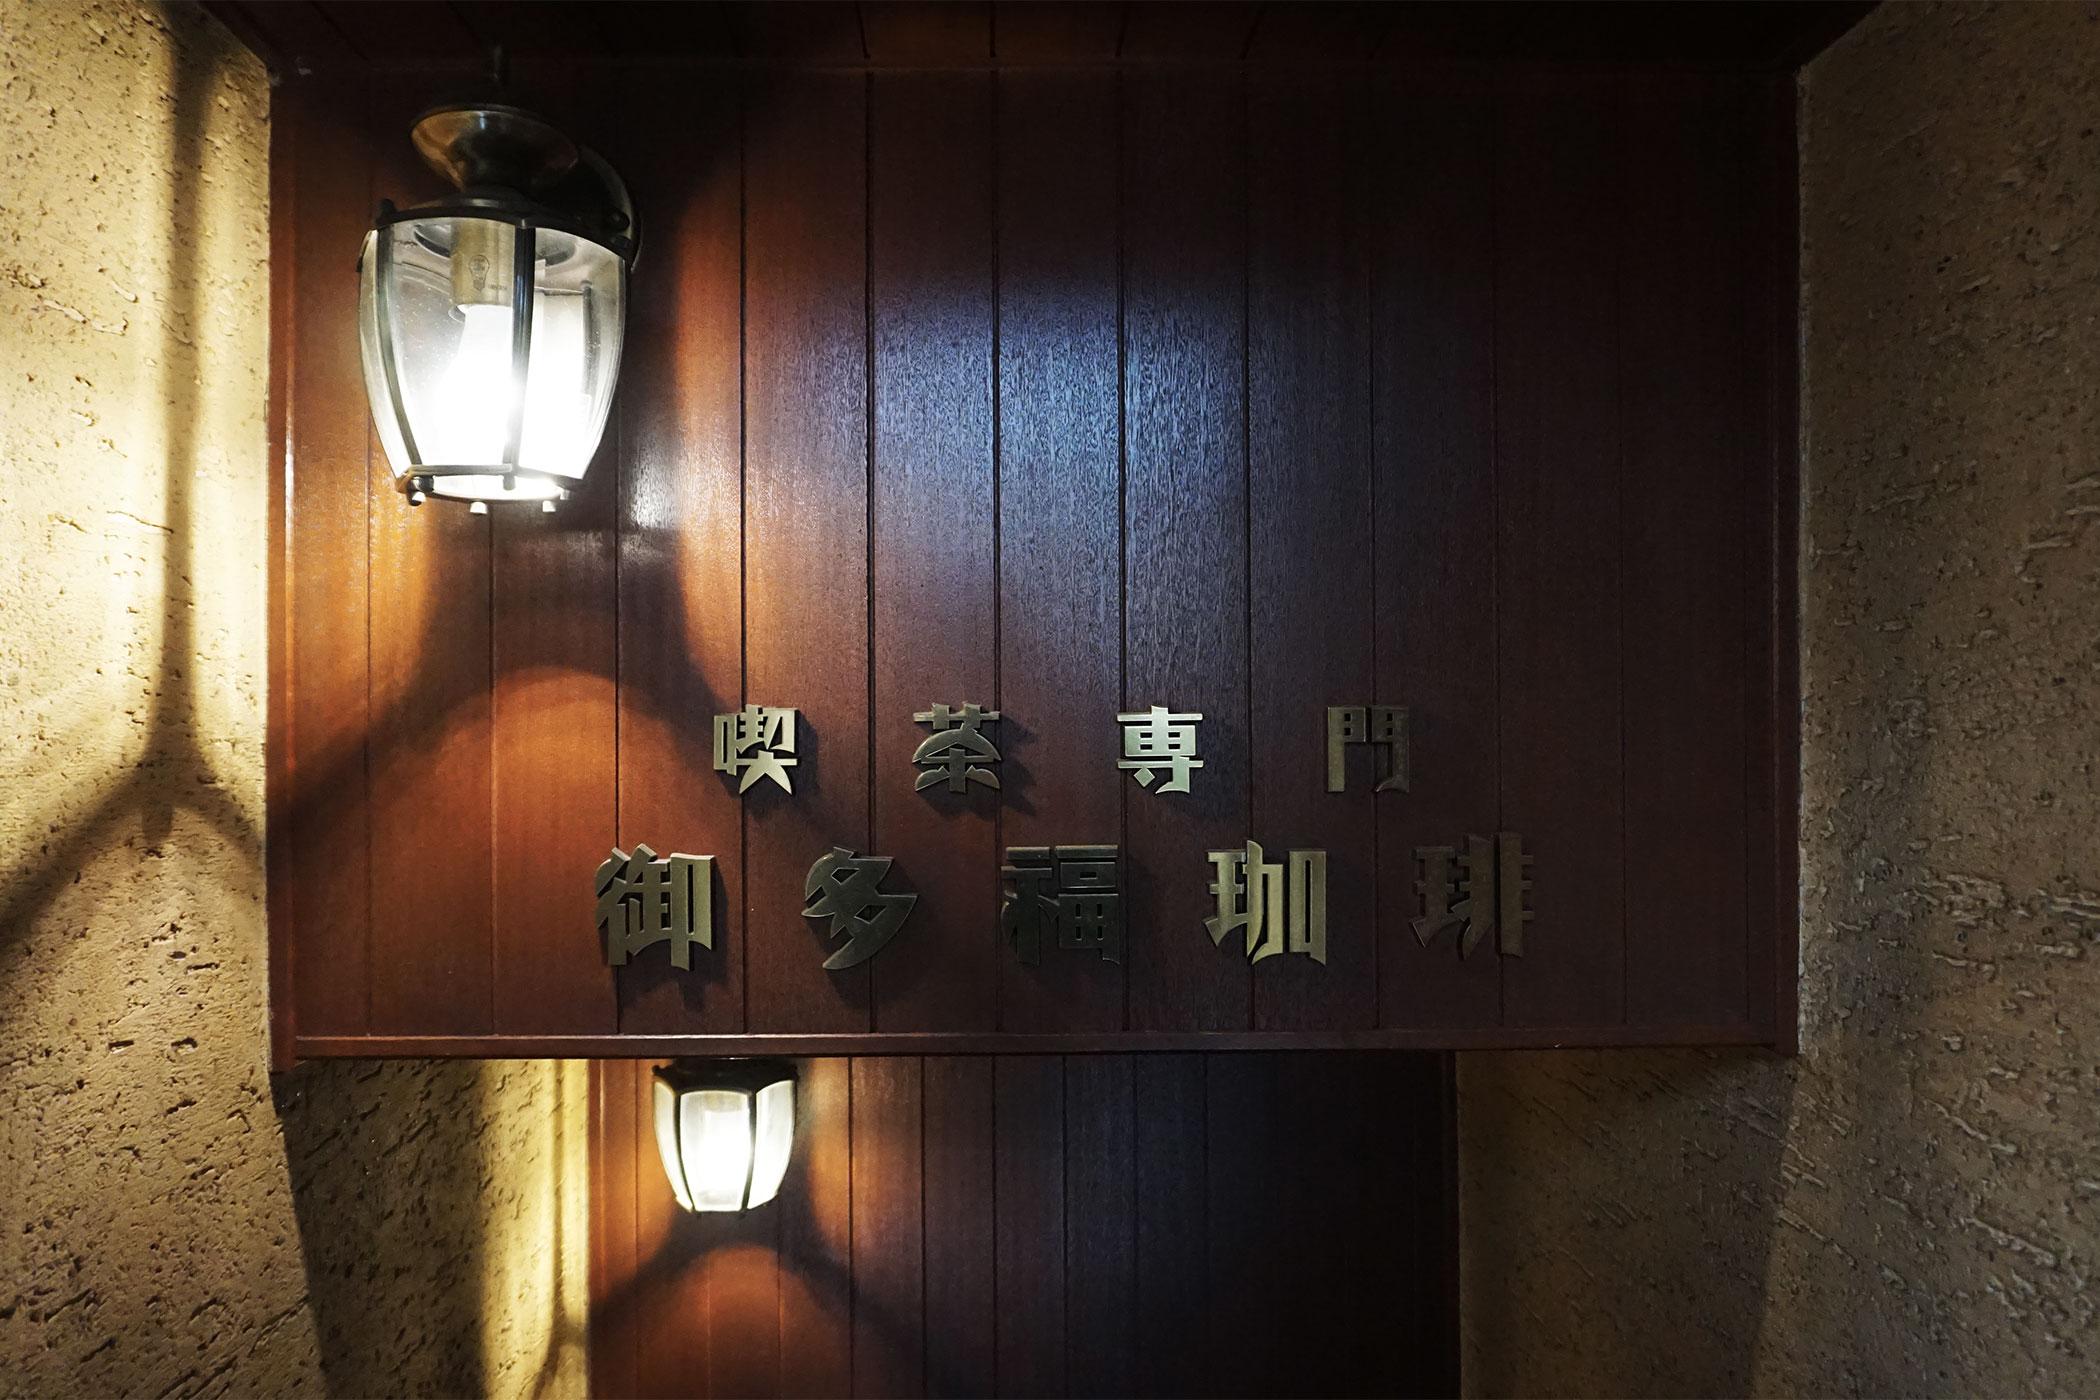 御多福珈琲 自慢のブレンドとプリンを頂く地下の秘密基地 - - 京都・四条